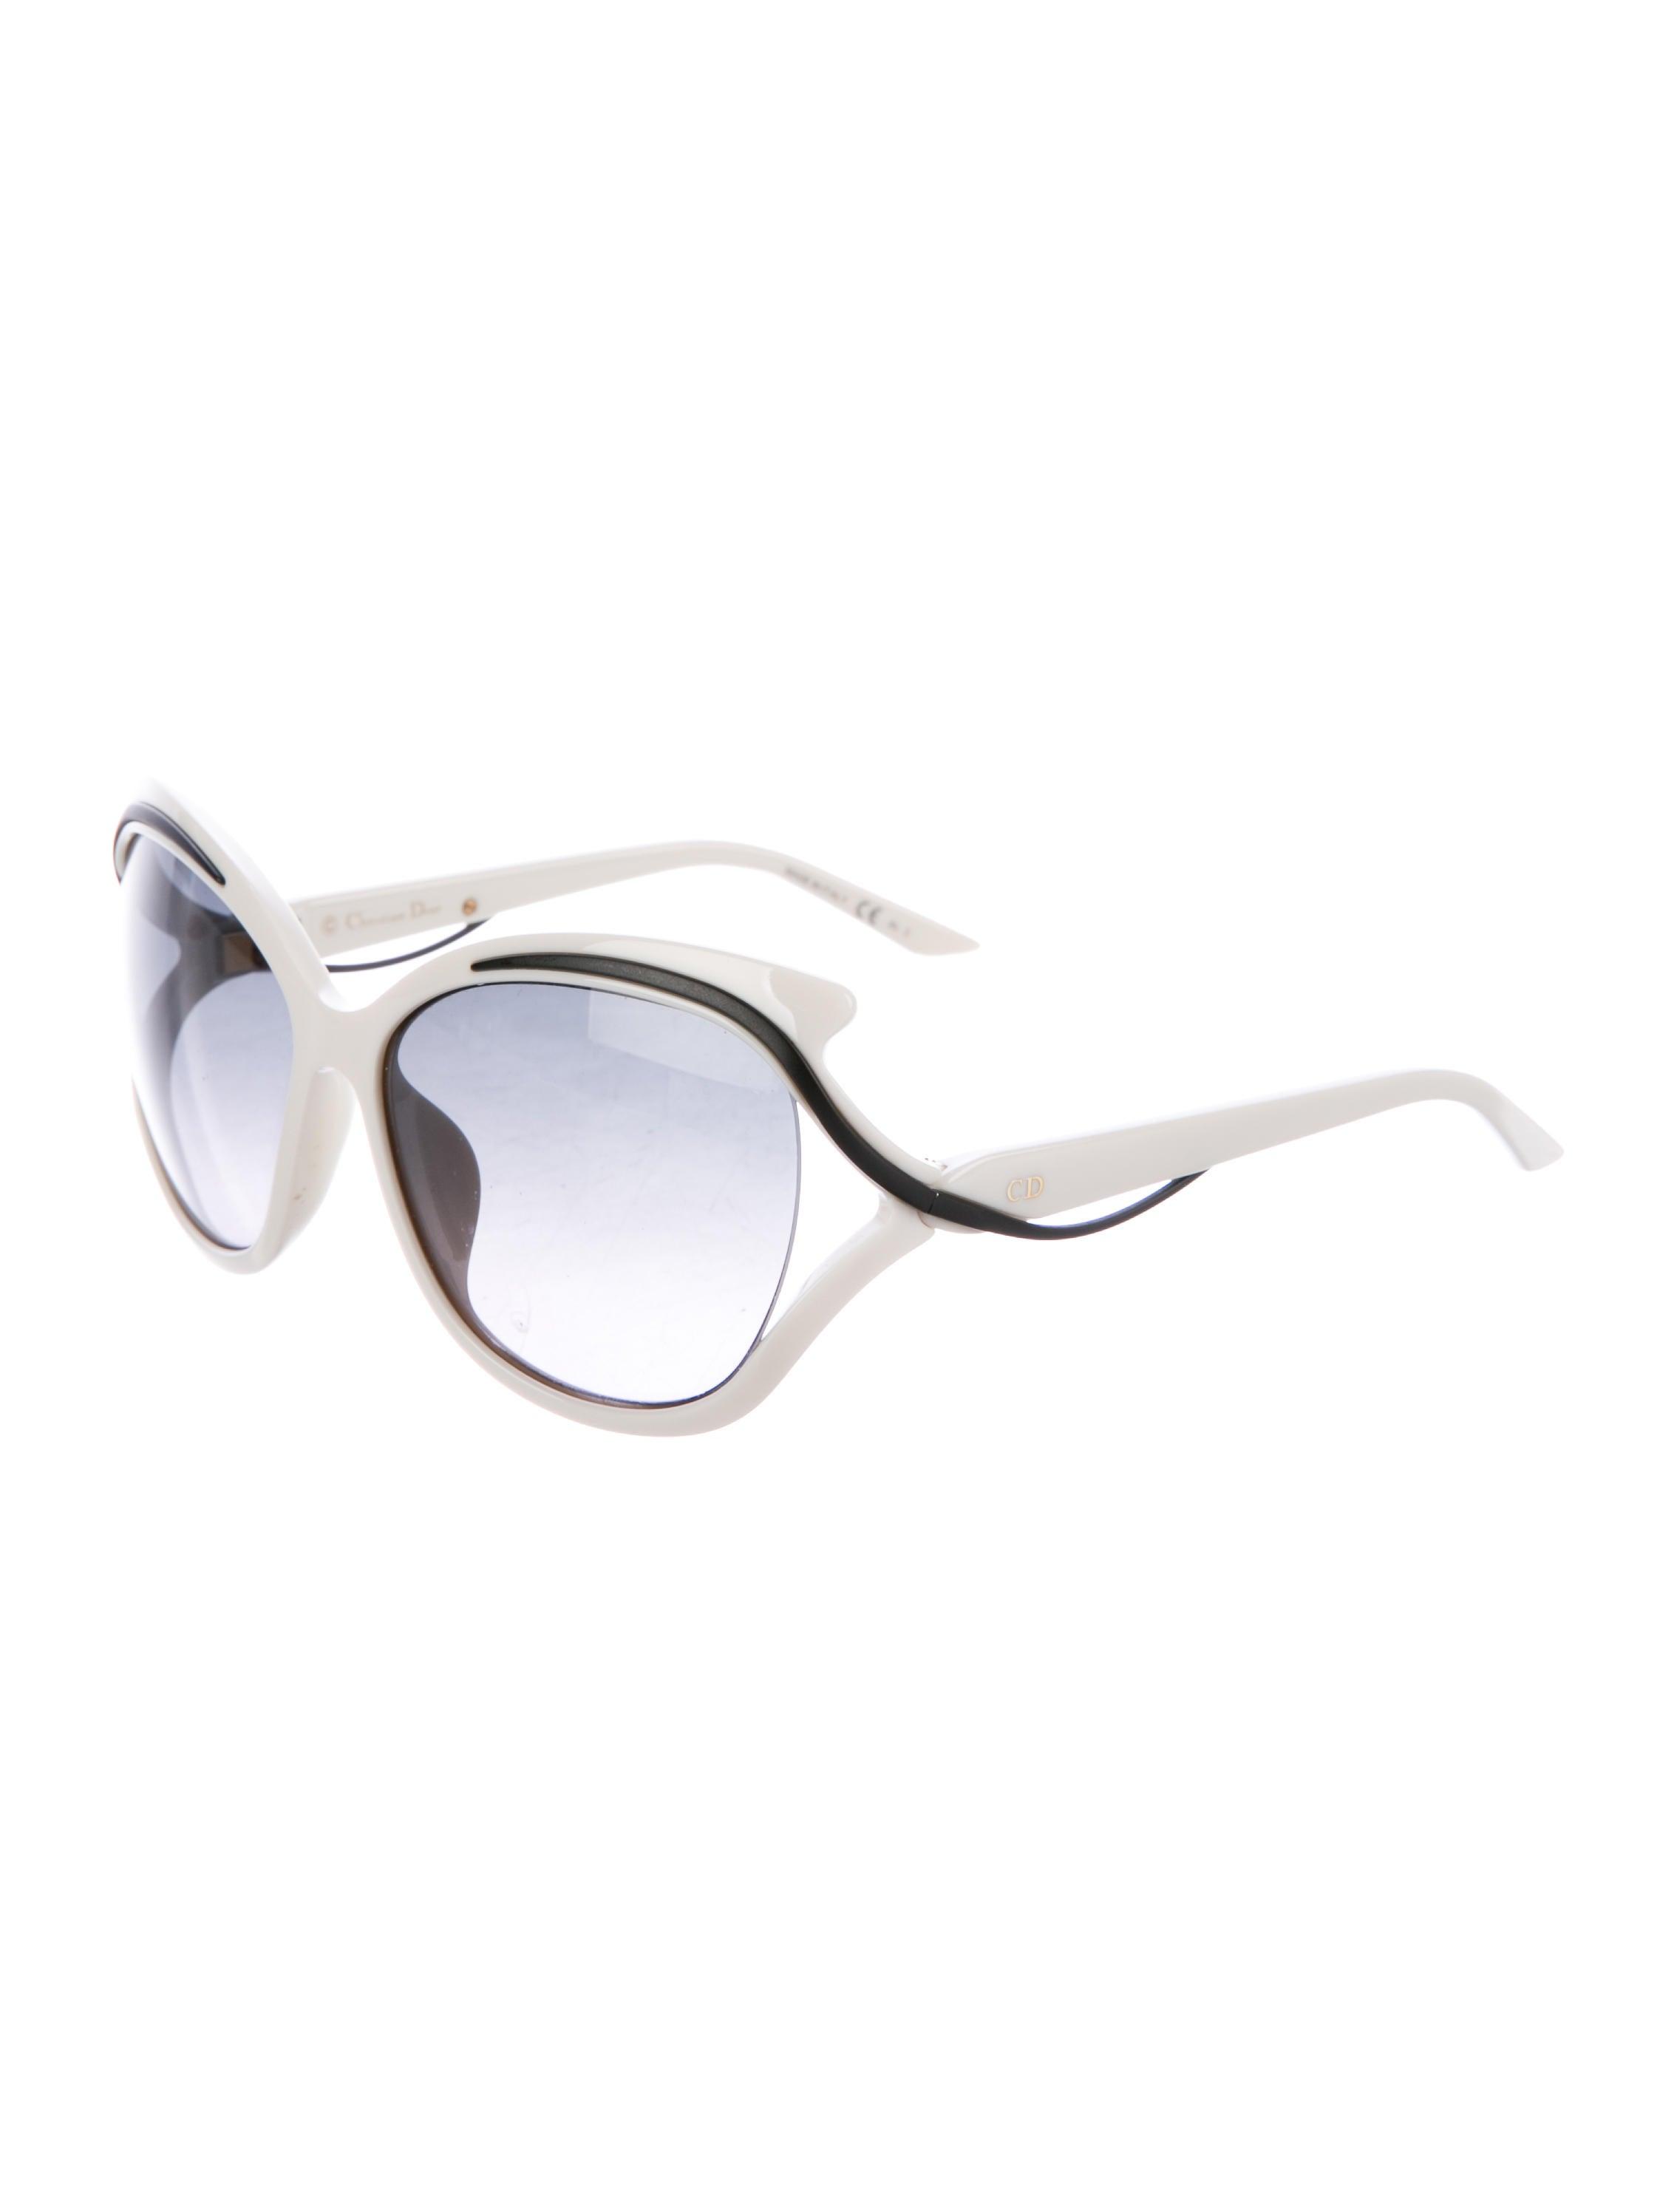 110e9119d82 Audacieuse Christian Dior Sunglasses